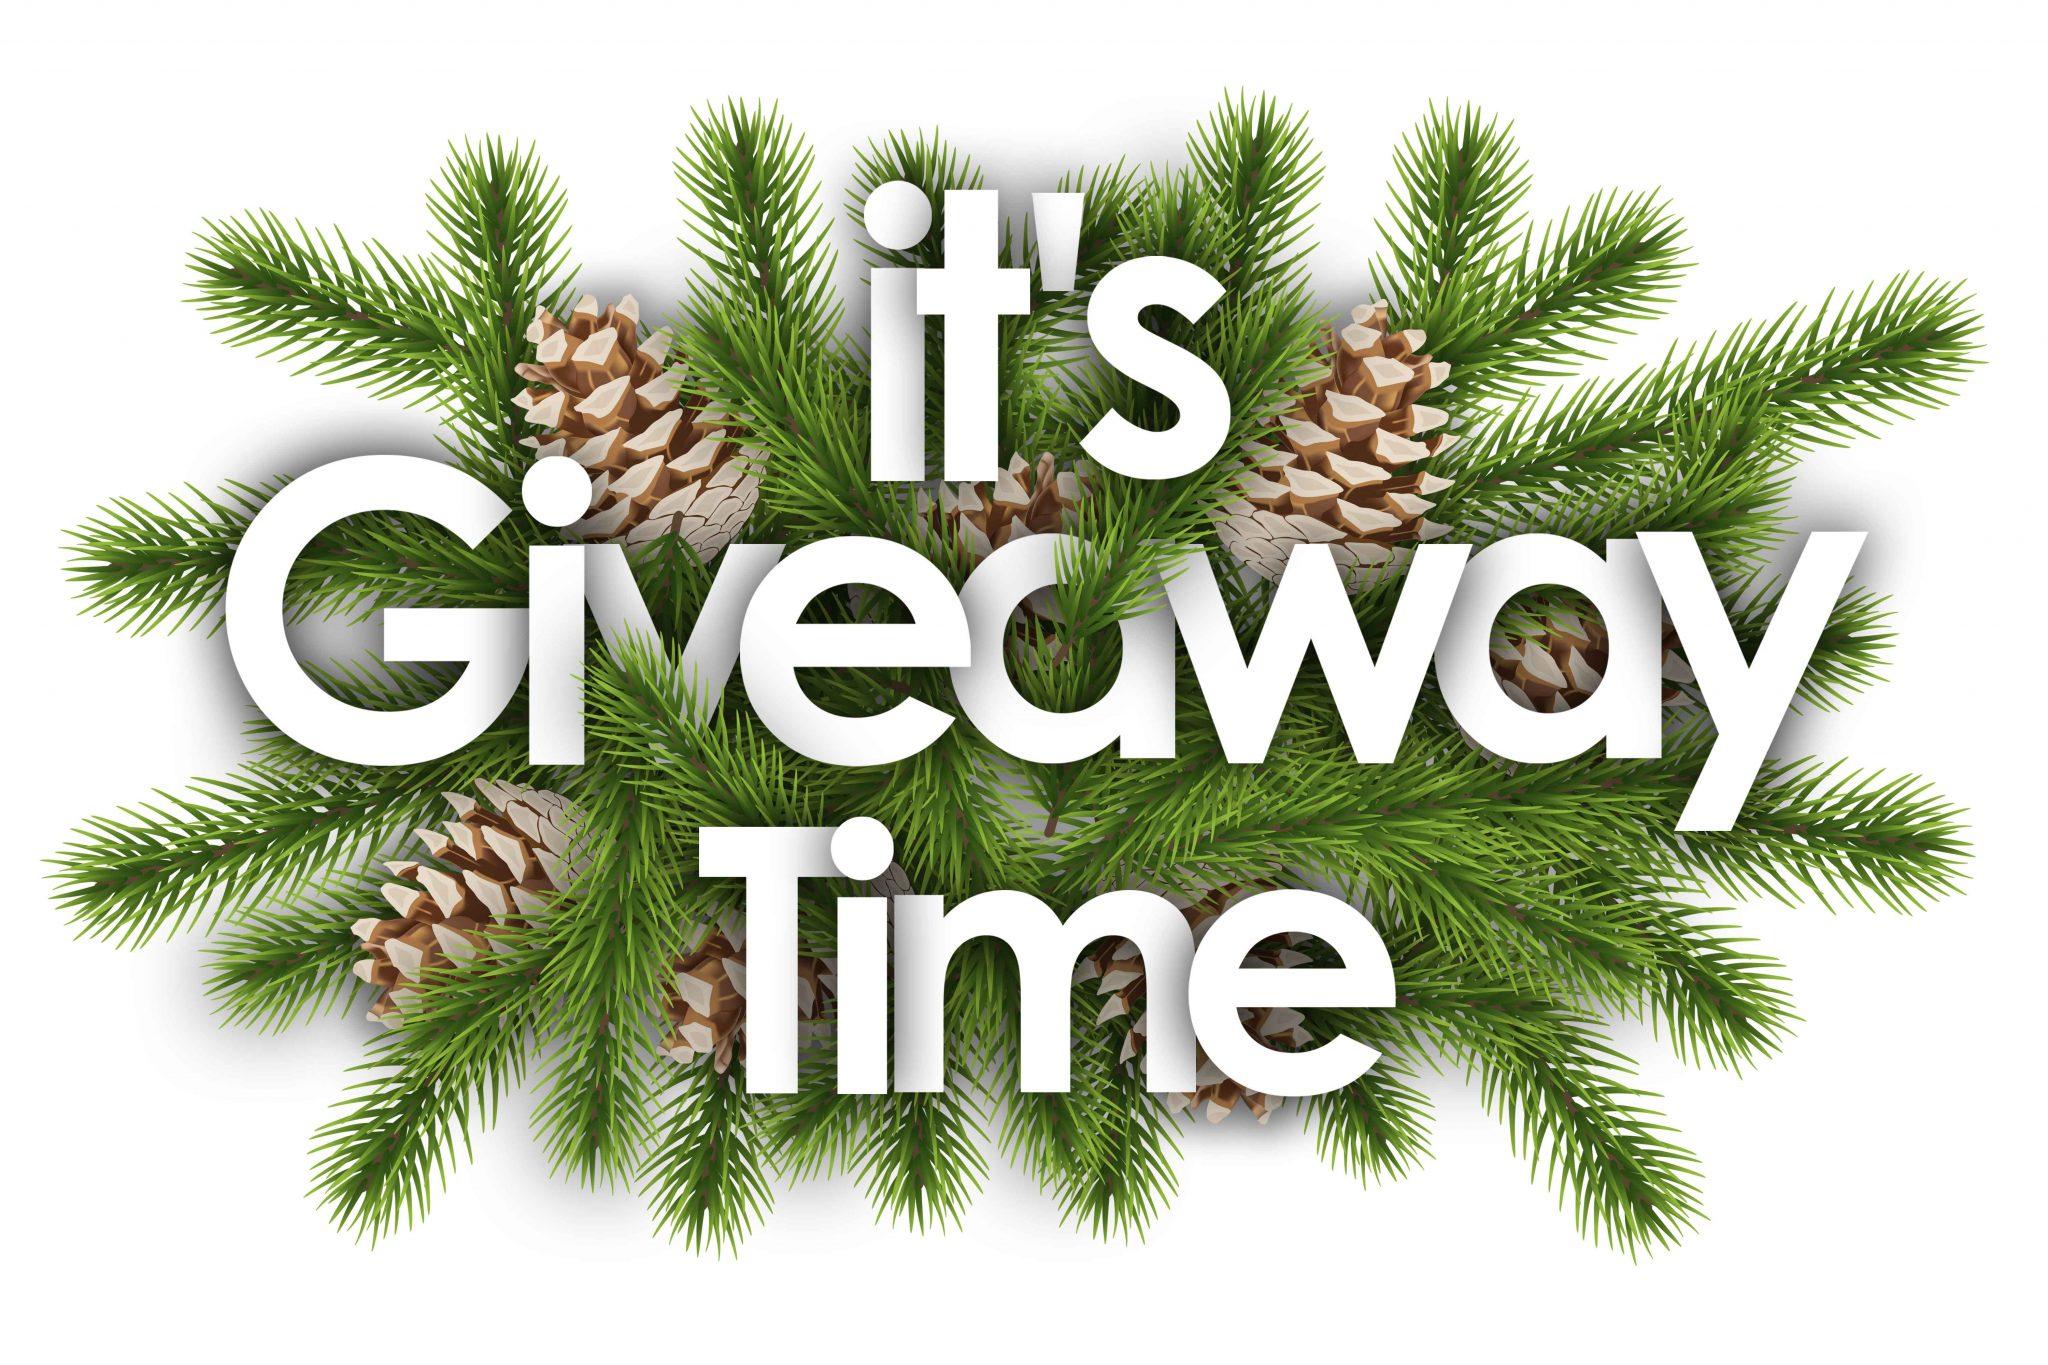 Holiday season social media giveaway